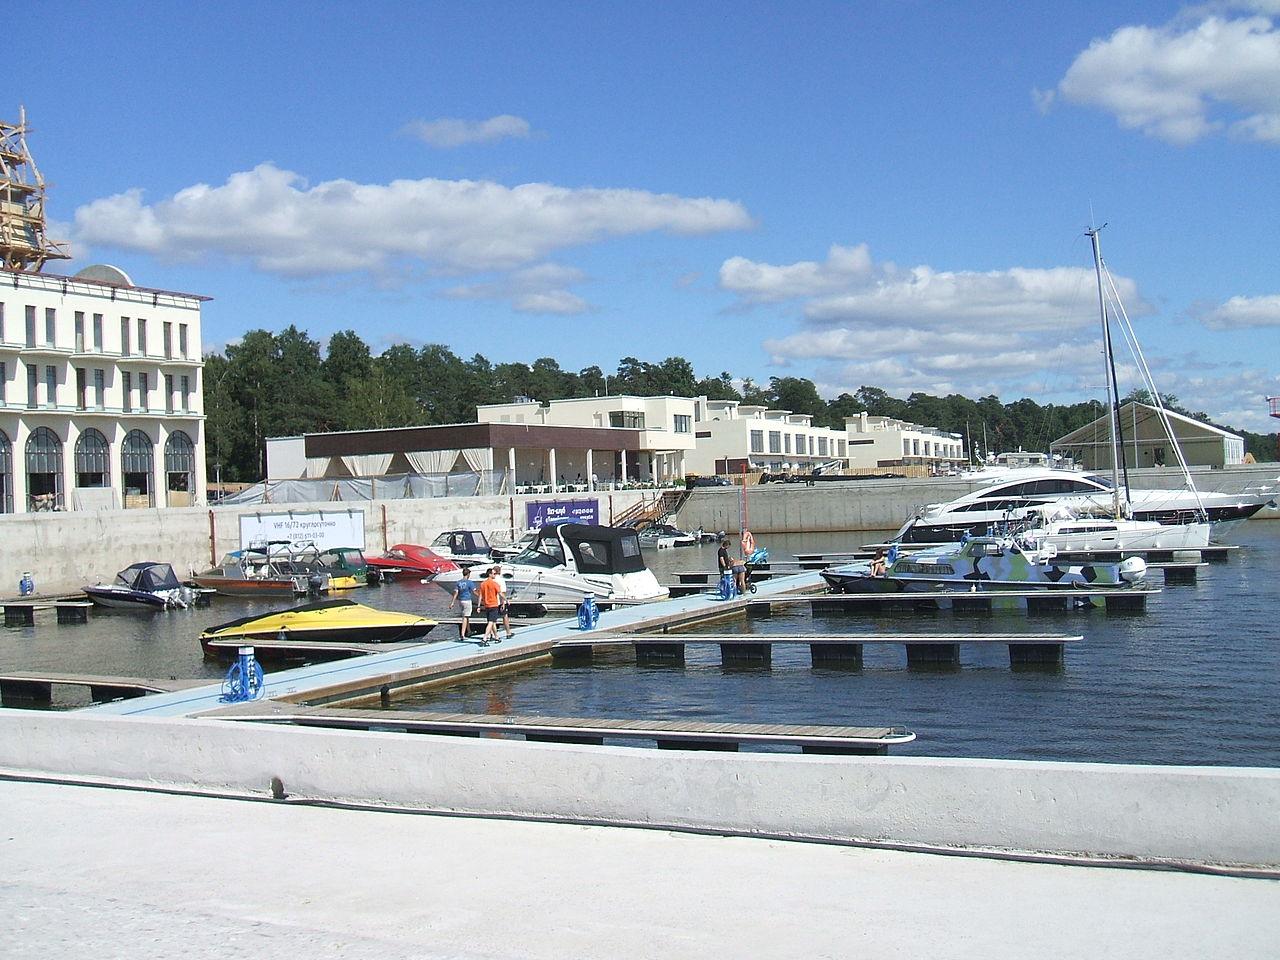 Морская граница. Яхт-клуб в Зеленогорске. Автор фото: Пётр Иванов (Wikimedia Commons)